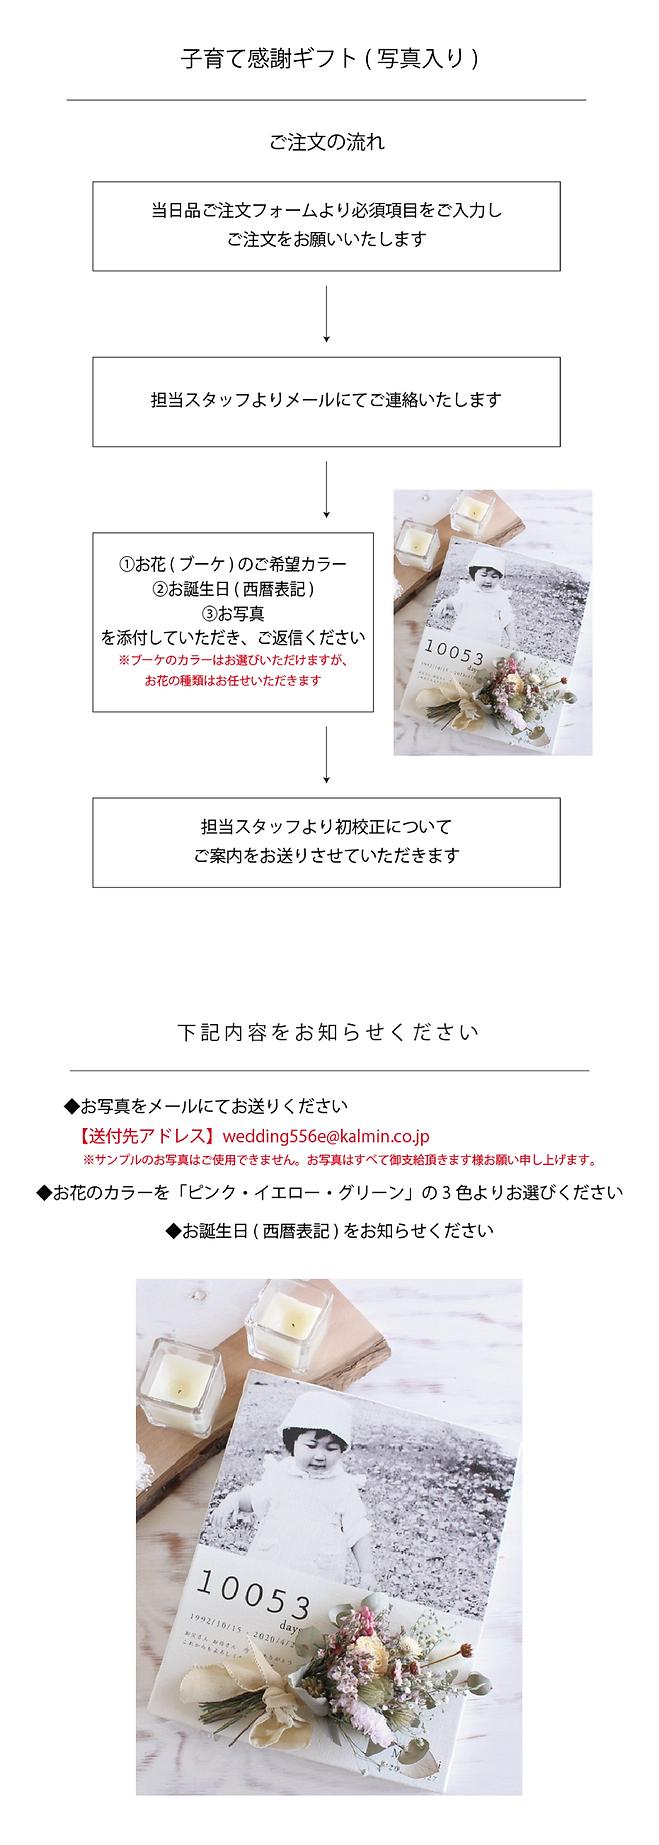 注文の流れ【子育て感謝ギフト】.png